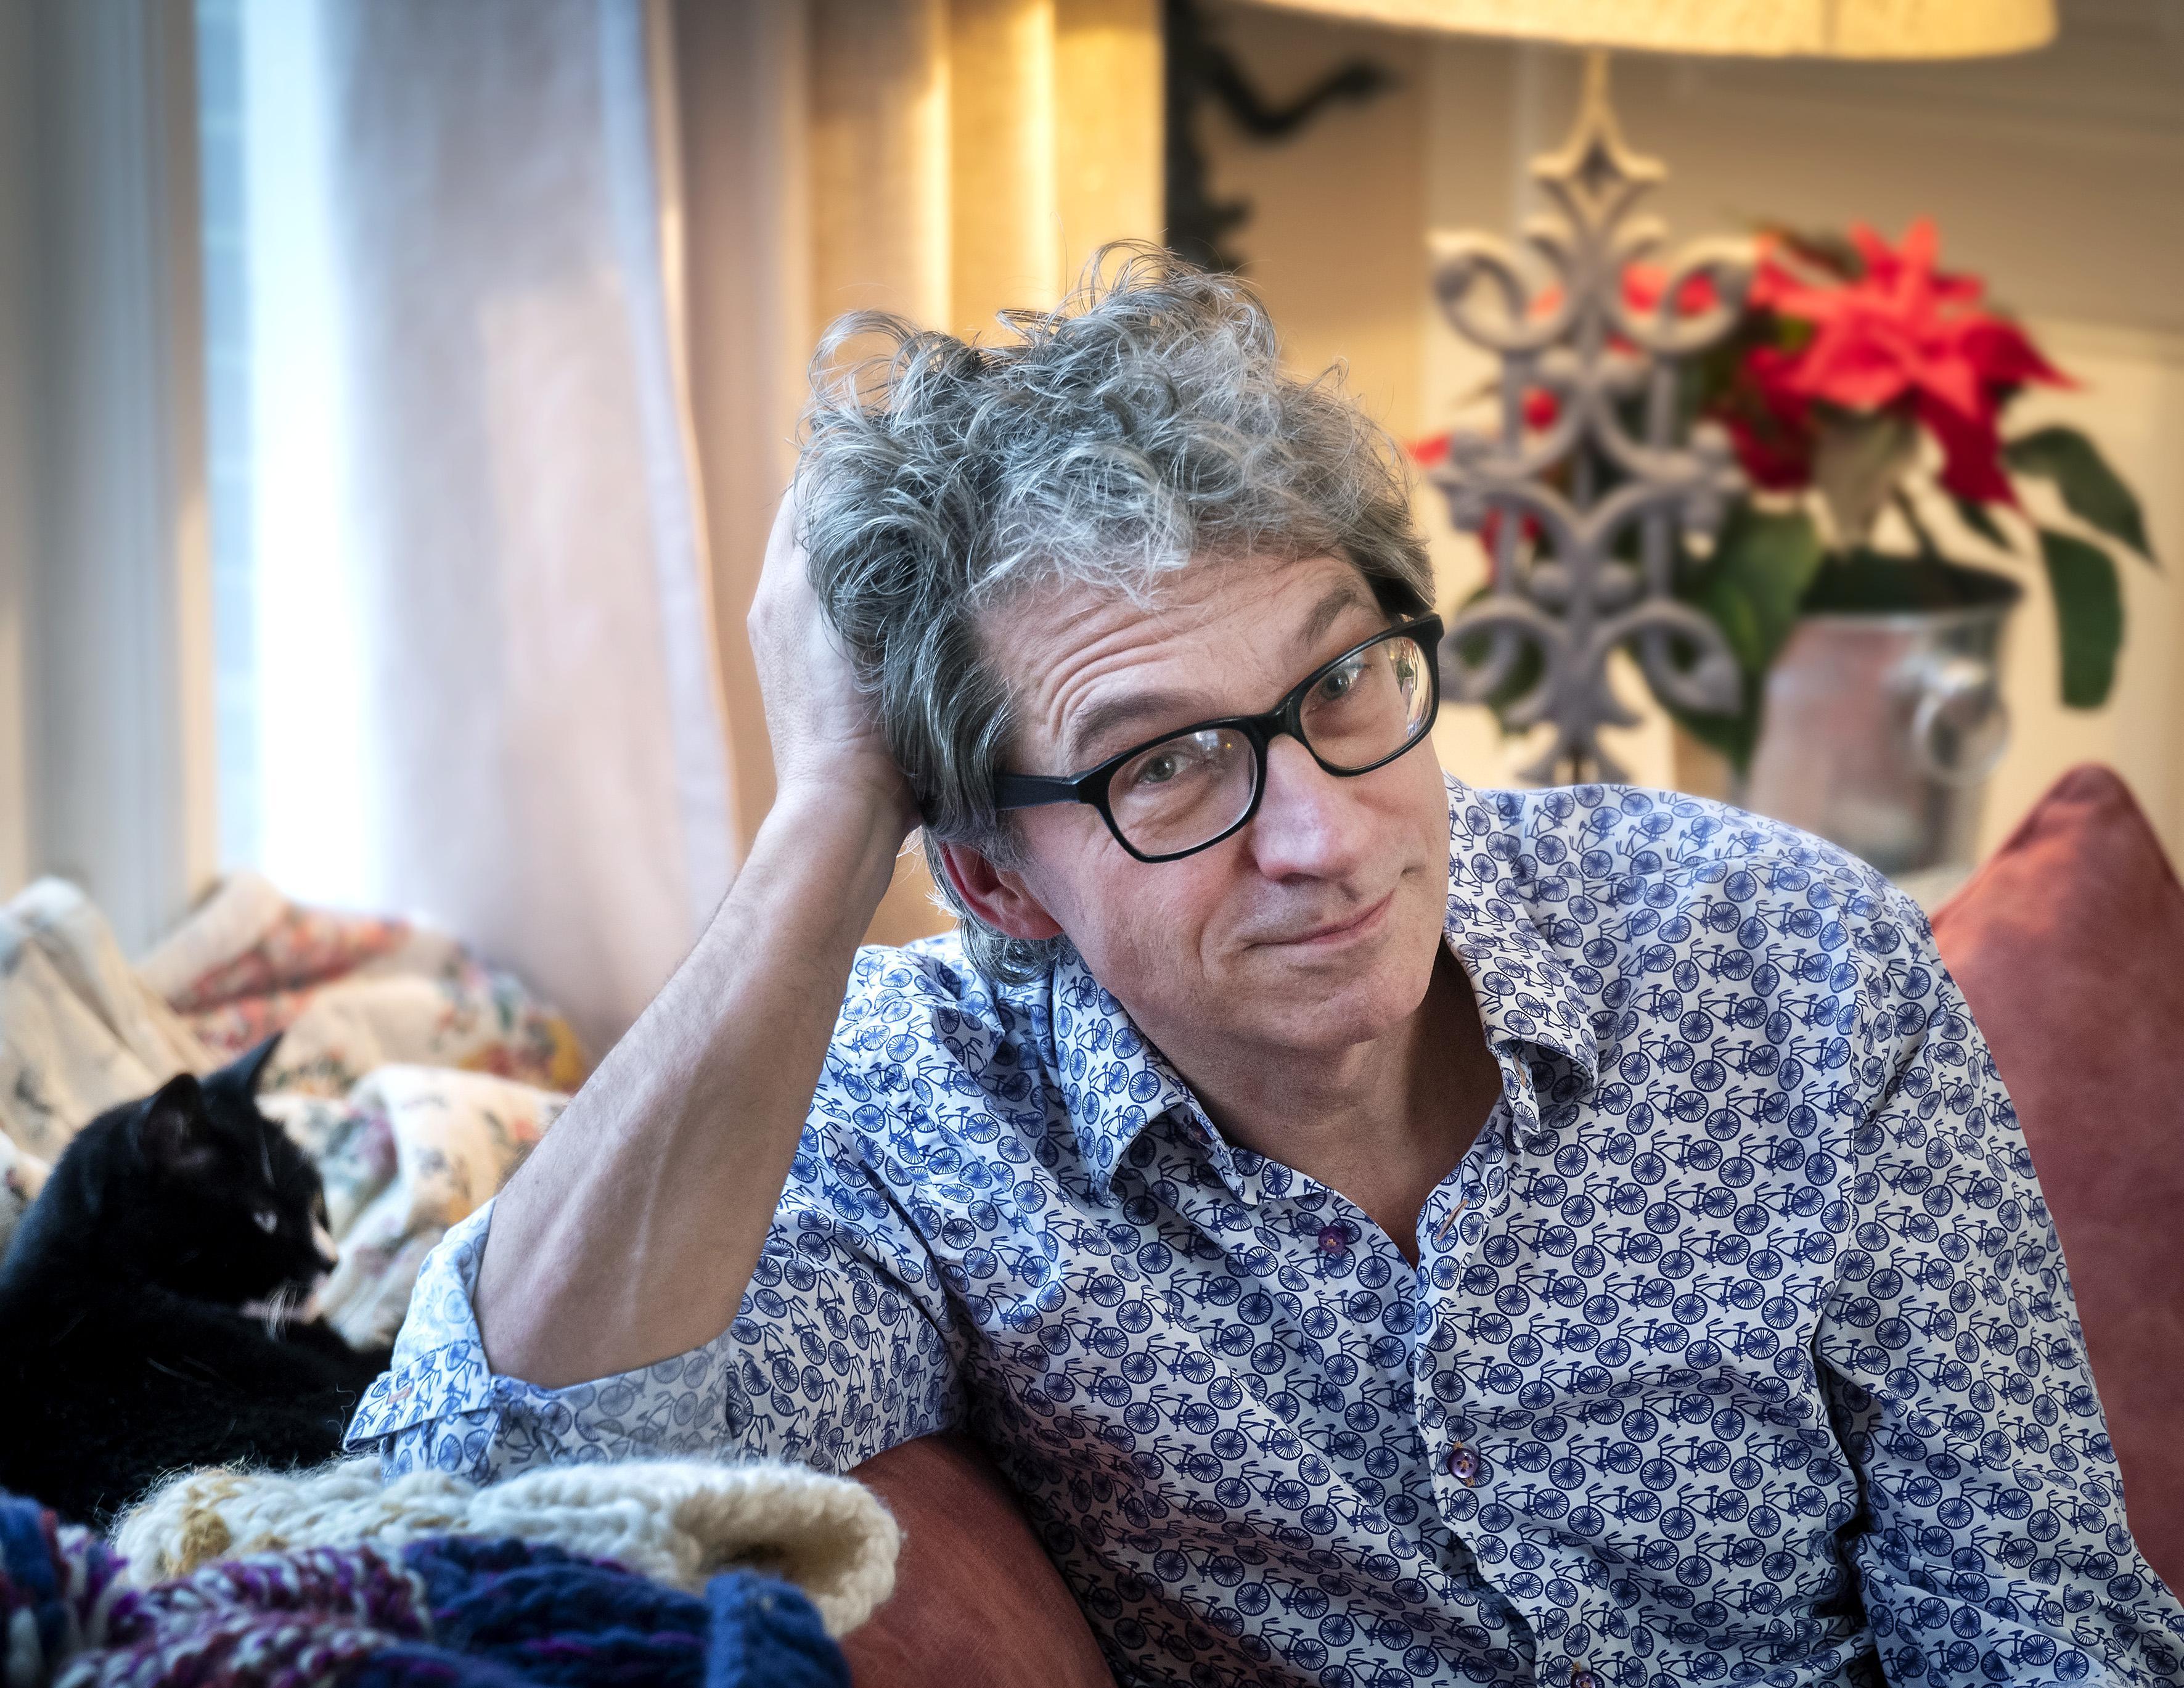 Frénk van der Linden noemt kiezen voor zijn vader een foute keuze